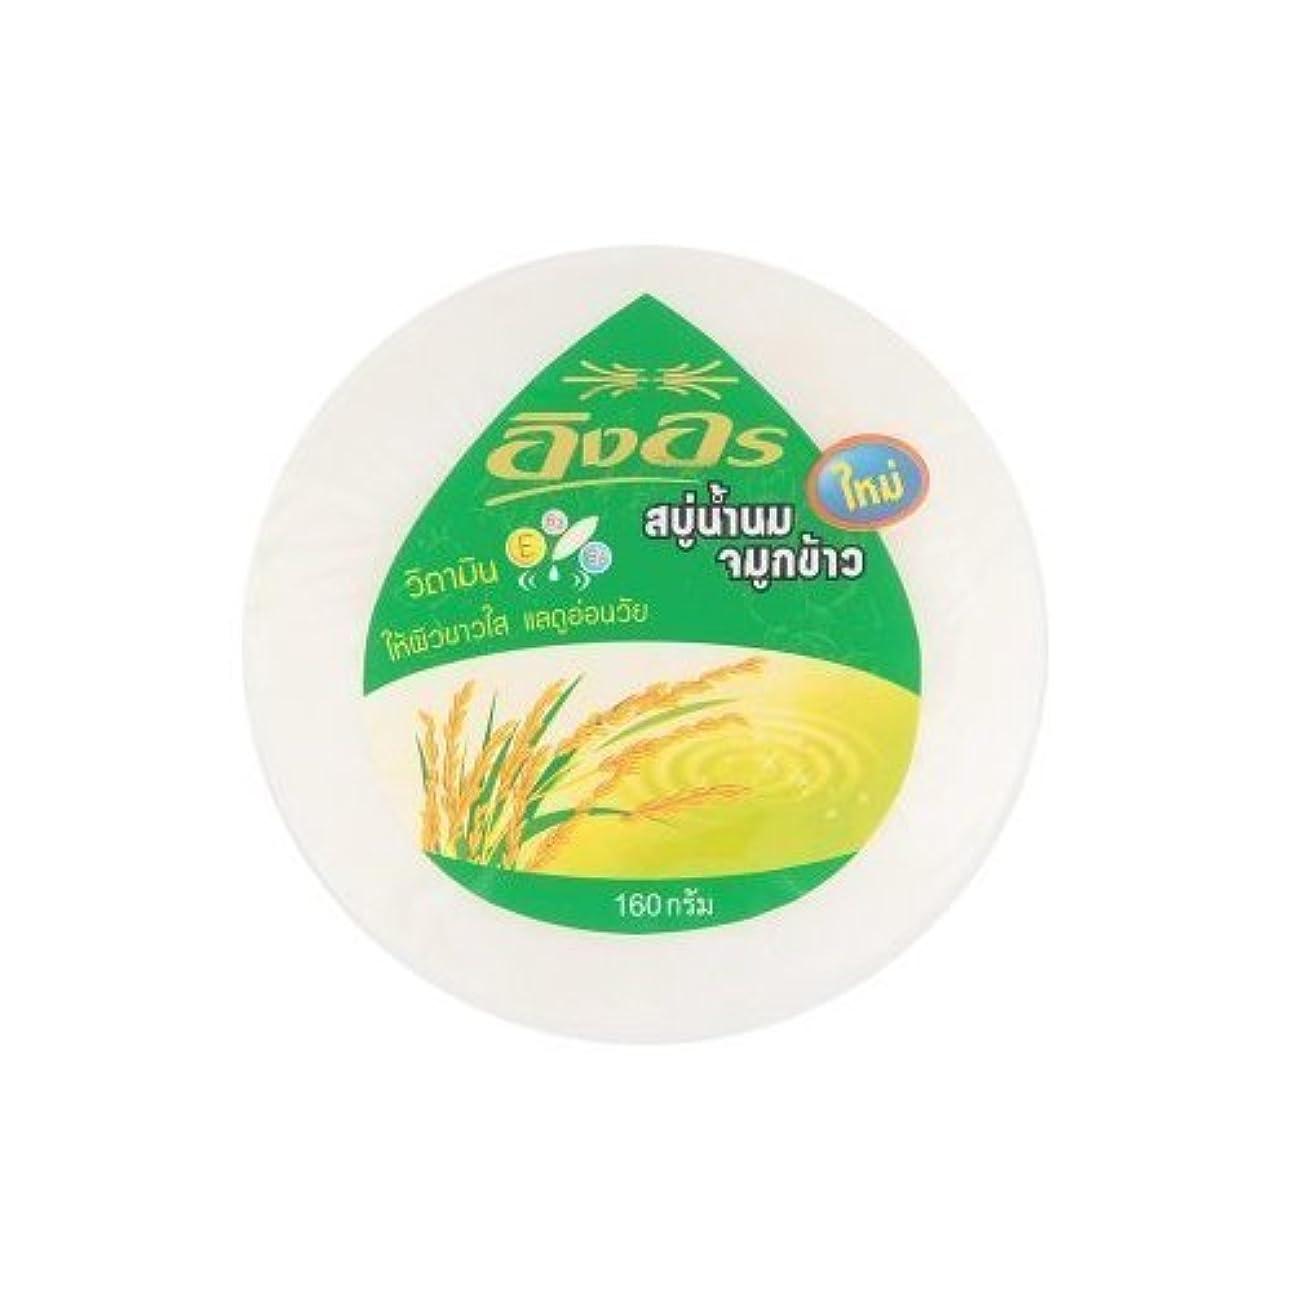 資本刃裏切り者Ni Yom Thai shop Ing on : Wheat Germ Milk Herbal Soap Bar 5.64 Oz. Made in Thailand